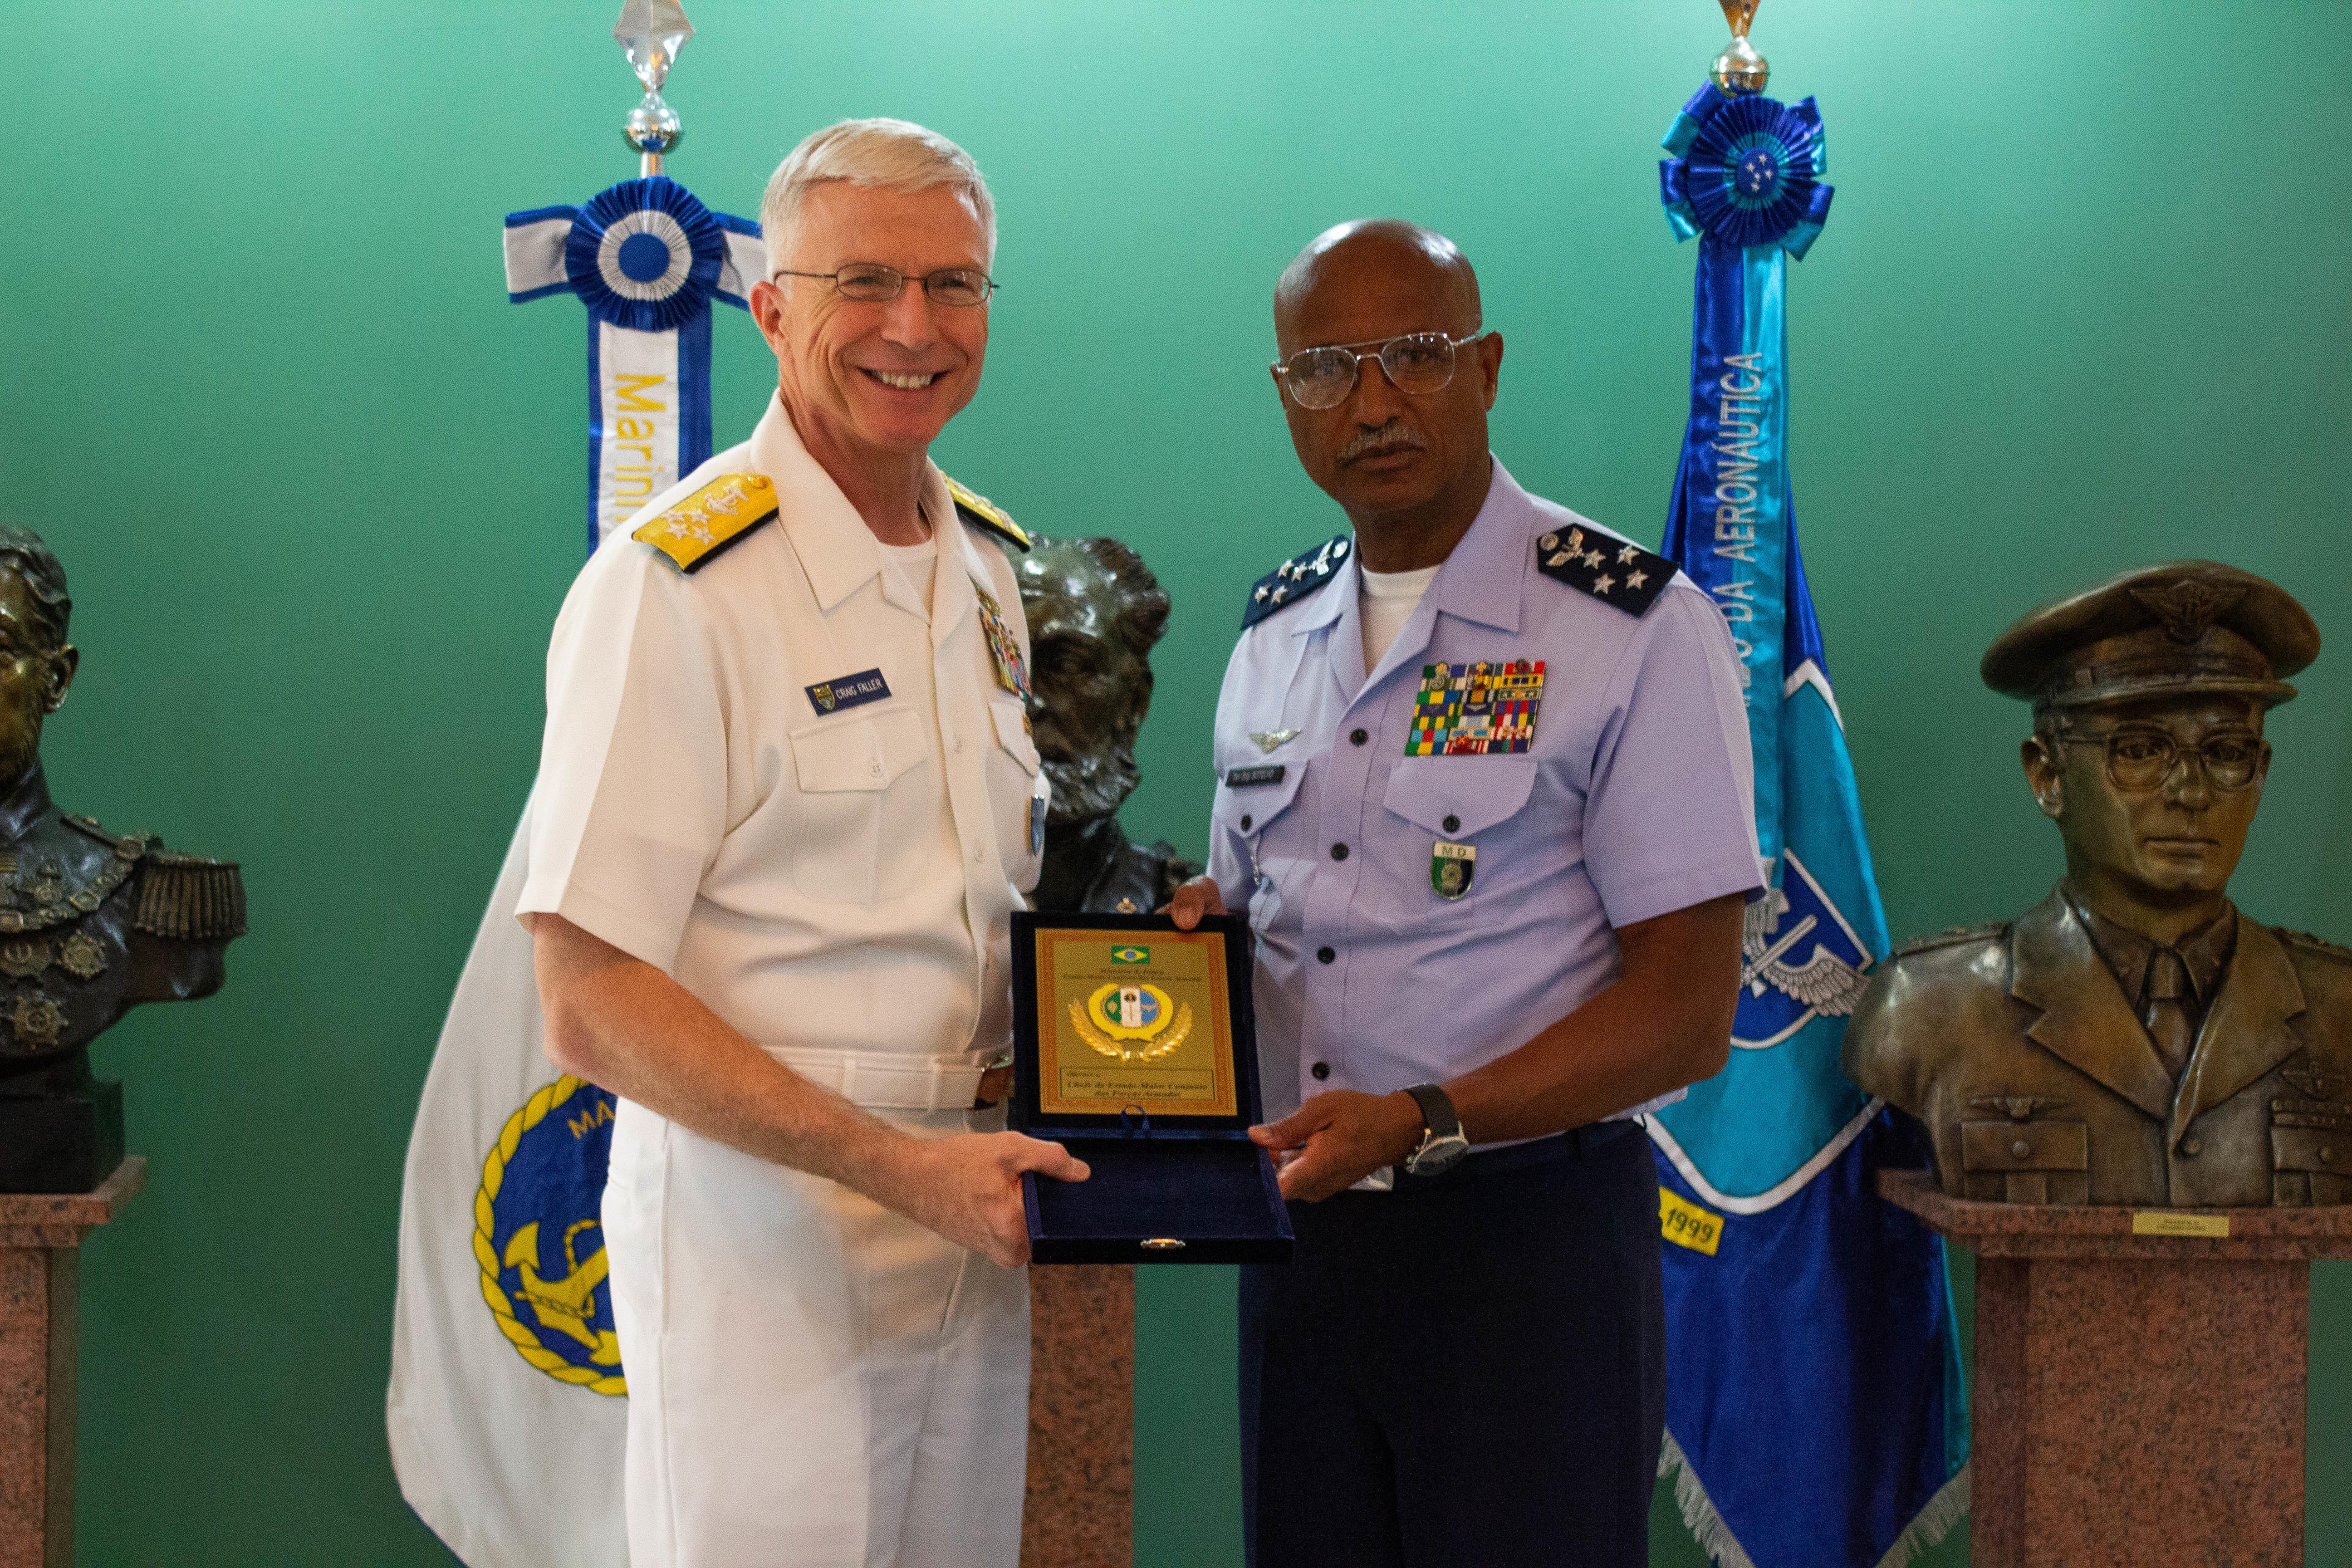 SOUTHCOM Commander Visits Brazil and Curaçao, Discusses Regional